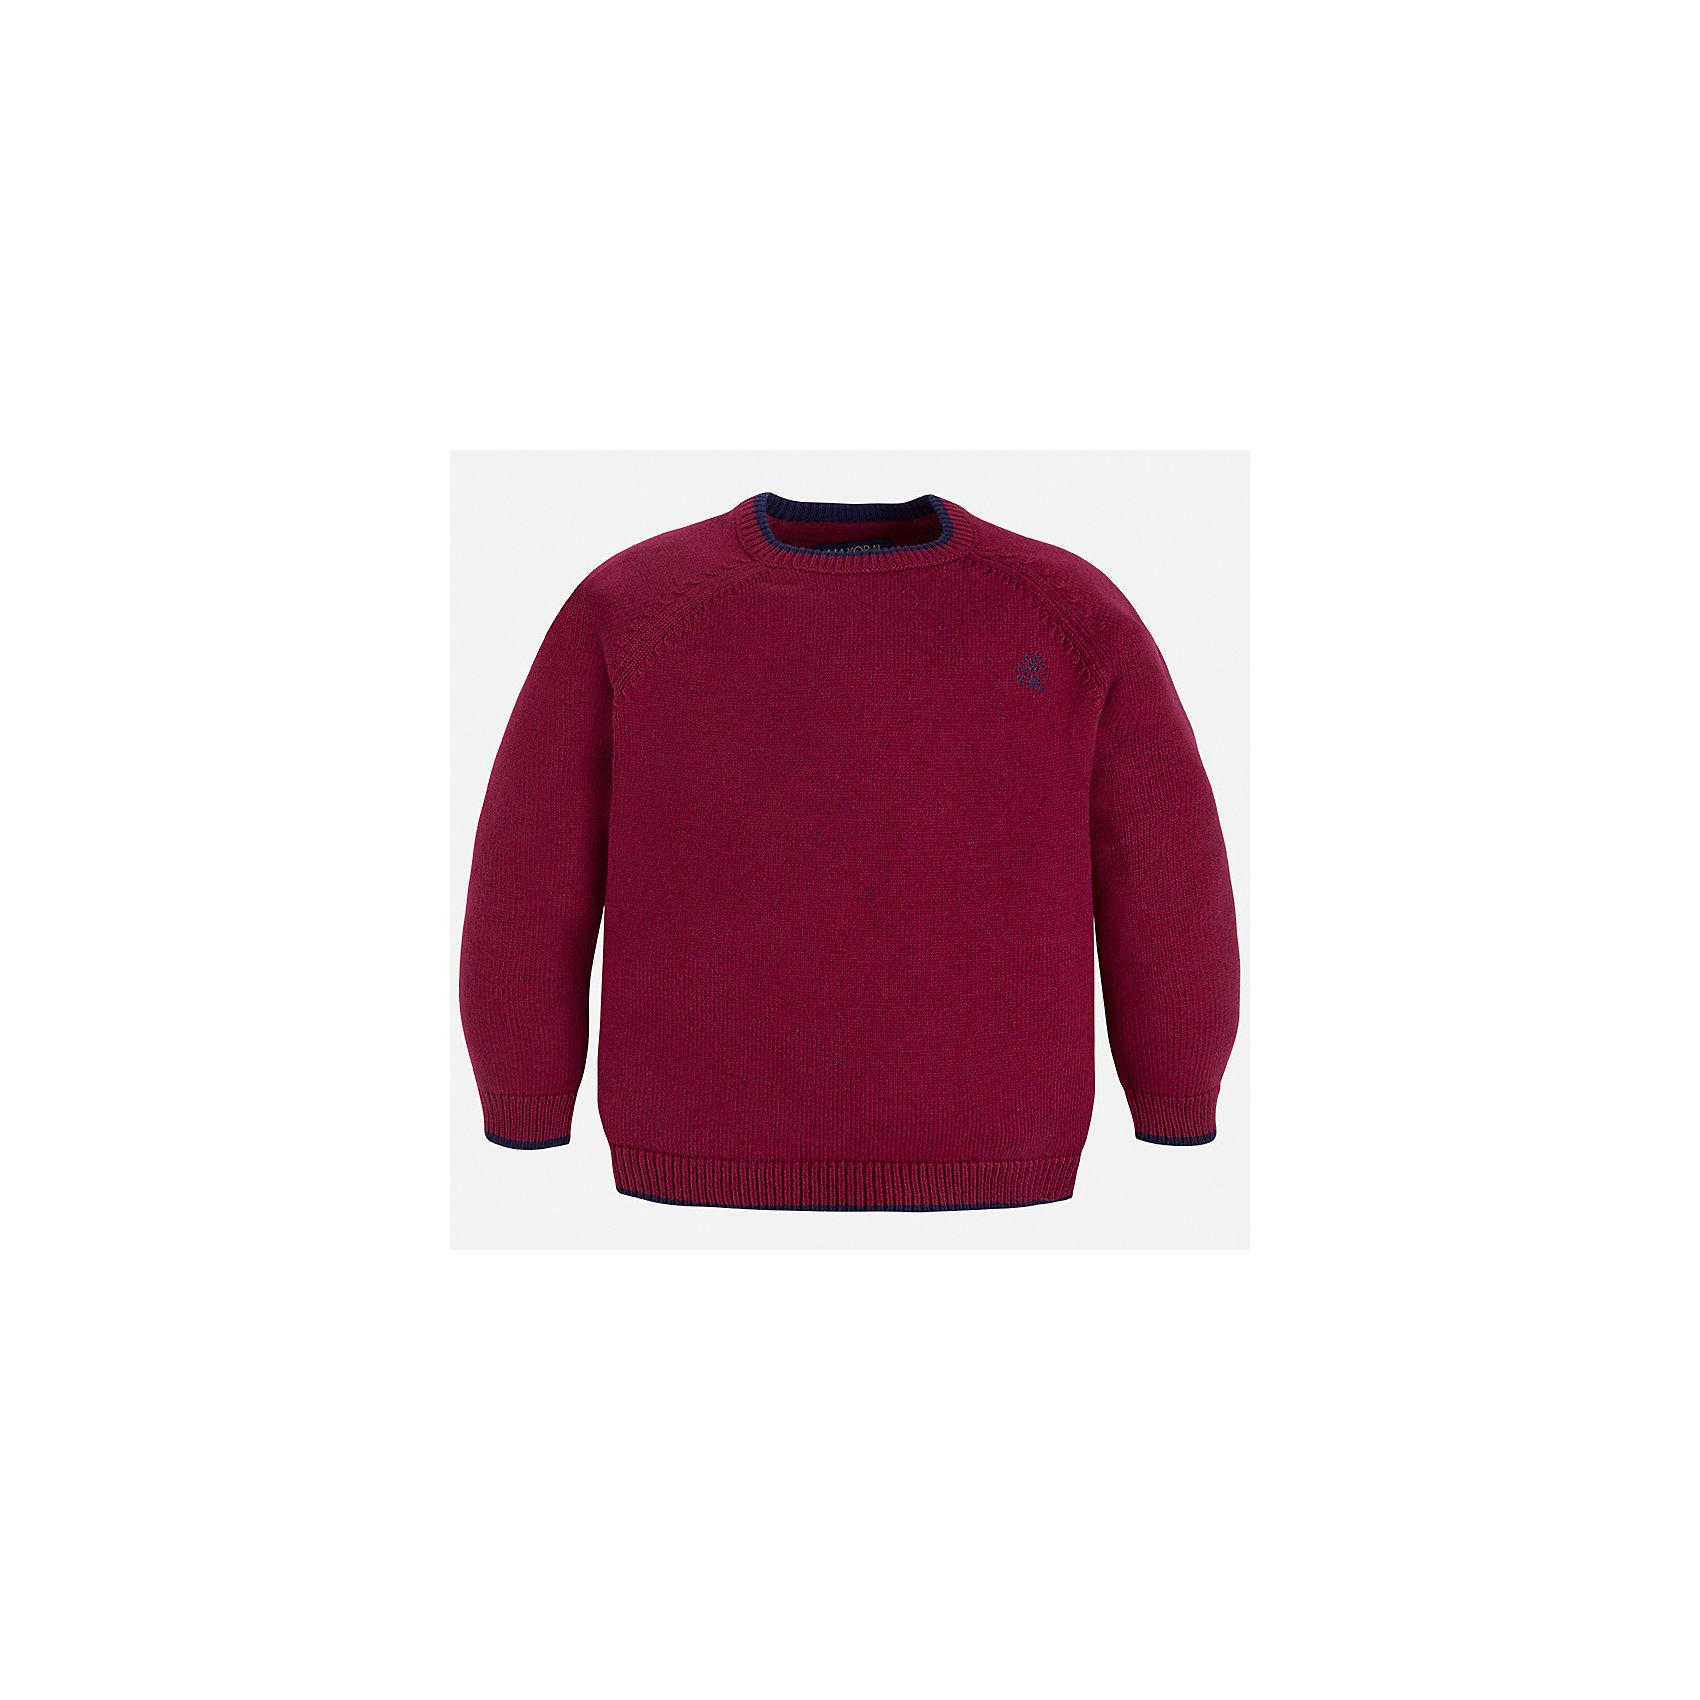 Свитер для мальчика MayoralСвитера и кардиганы<br>Характеристики товара:<br><br>• цвет: бордовый;<br>• состав ткани: 60% хлопок, 30% полиамид, 10% шерсть;<br>• длинный рукав - реглан;<br>• однотонный;<br>• сезон: демисезон;<br>• школьный;<br>• страна бренда: Испания;<br>• страна изготовитель: Бангладеш.<br><br>Однотонный свитер для мальчика от популярного бренда Mayoral из натурально и мягкого 100% хлопка тонкой вязки, декорирован маленьким принтом в виде логотипа с вышивкой. Имеет круглый вырез и уплотненные края на руковах и поясе. Очень практичный и долгий в носке, цвет нетускнеет, смотрится аккуратно и стильно как с джинсами, так и в сочетании со школьной формой.<br><br>Для производства детской одежды популярный бренд Mayoral используют только качественную фурнитуру и материалы. Оригинальные и модные вещи от Майорал неизменно привлекают внимание и нравятся детям.<br><br>Свитер для мальчика Mayoral (Майорал) можно купить в нашем интернет-магазине.<br><br>Ширина мм: 190<br>Глубина мм: 74<br>Высота мм: 229<br>Вес г: 236<br>Цвет: белый<br>Возраст от месяцев: 60<br>Возраст до месяцев: 72<br>Пол: Мужской<br>Возраст: Детский<br>Размер: 116,122,128,134,92,98,104,110<br>SKU: 6931805